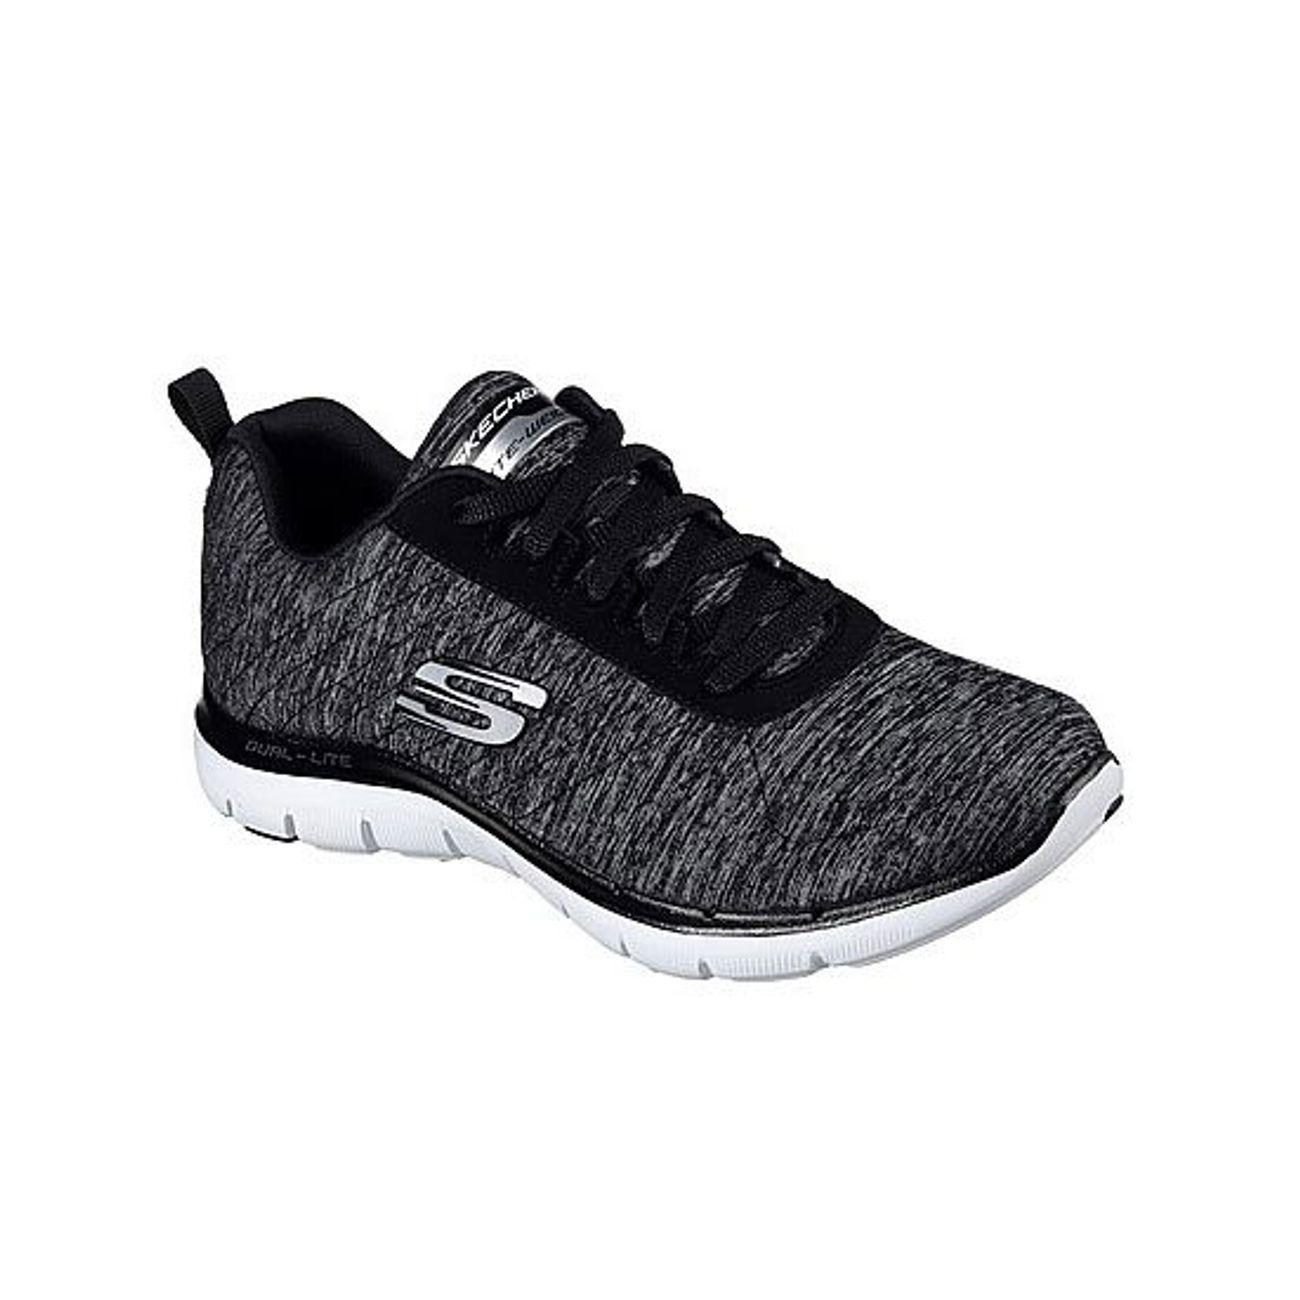 d2ed0955463fce Chaussures Et Flex Skechers Femme Fitness Chiné Gris – Appeal Achat rwpaF4rq